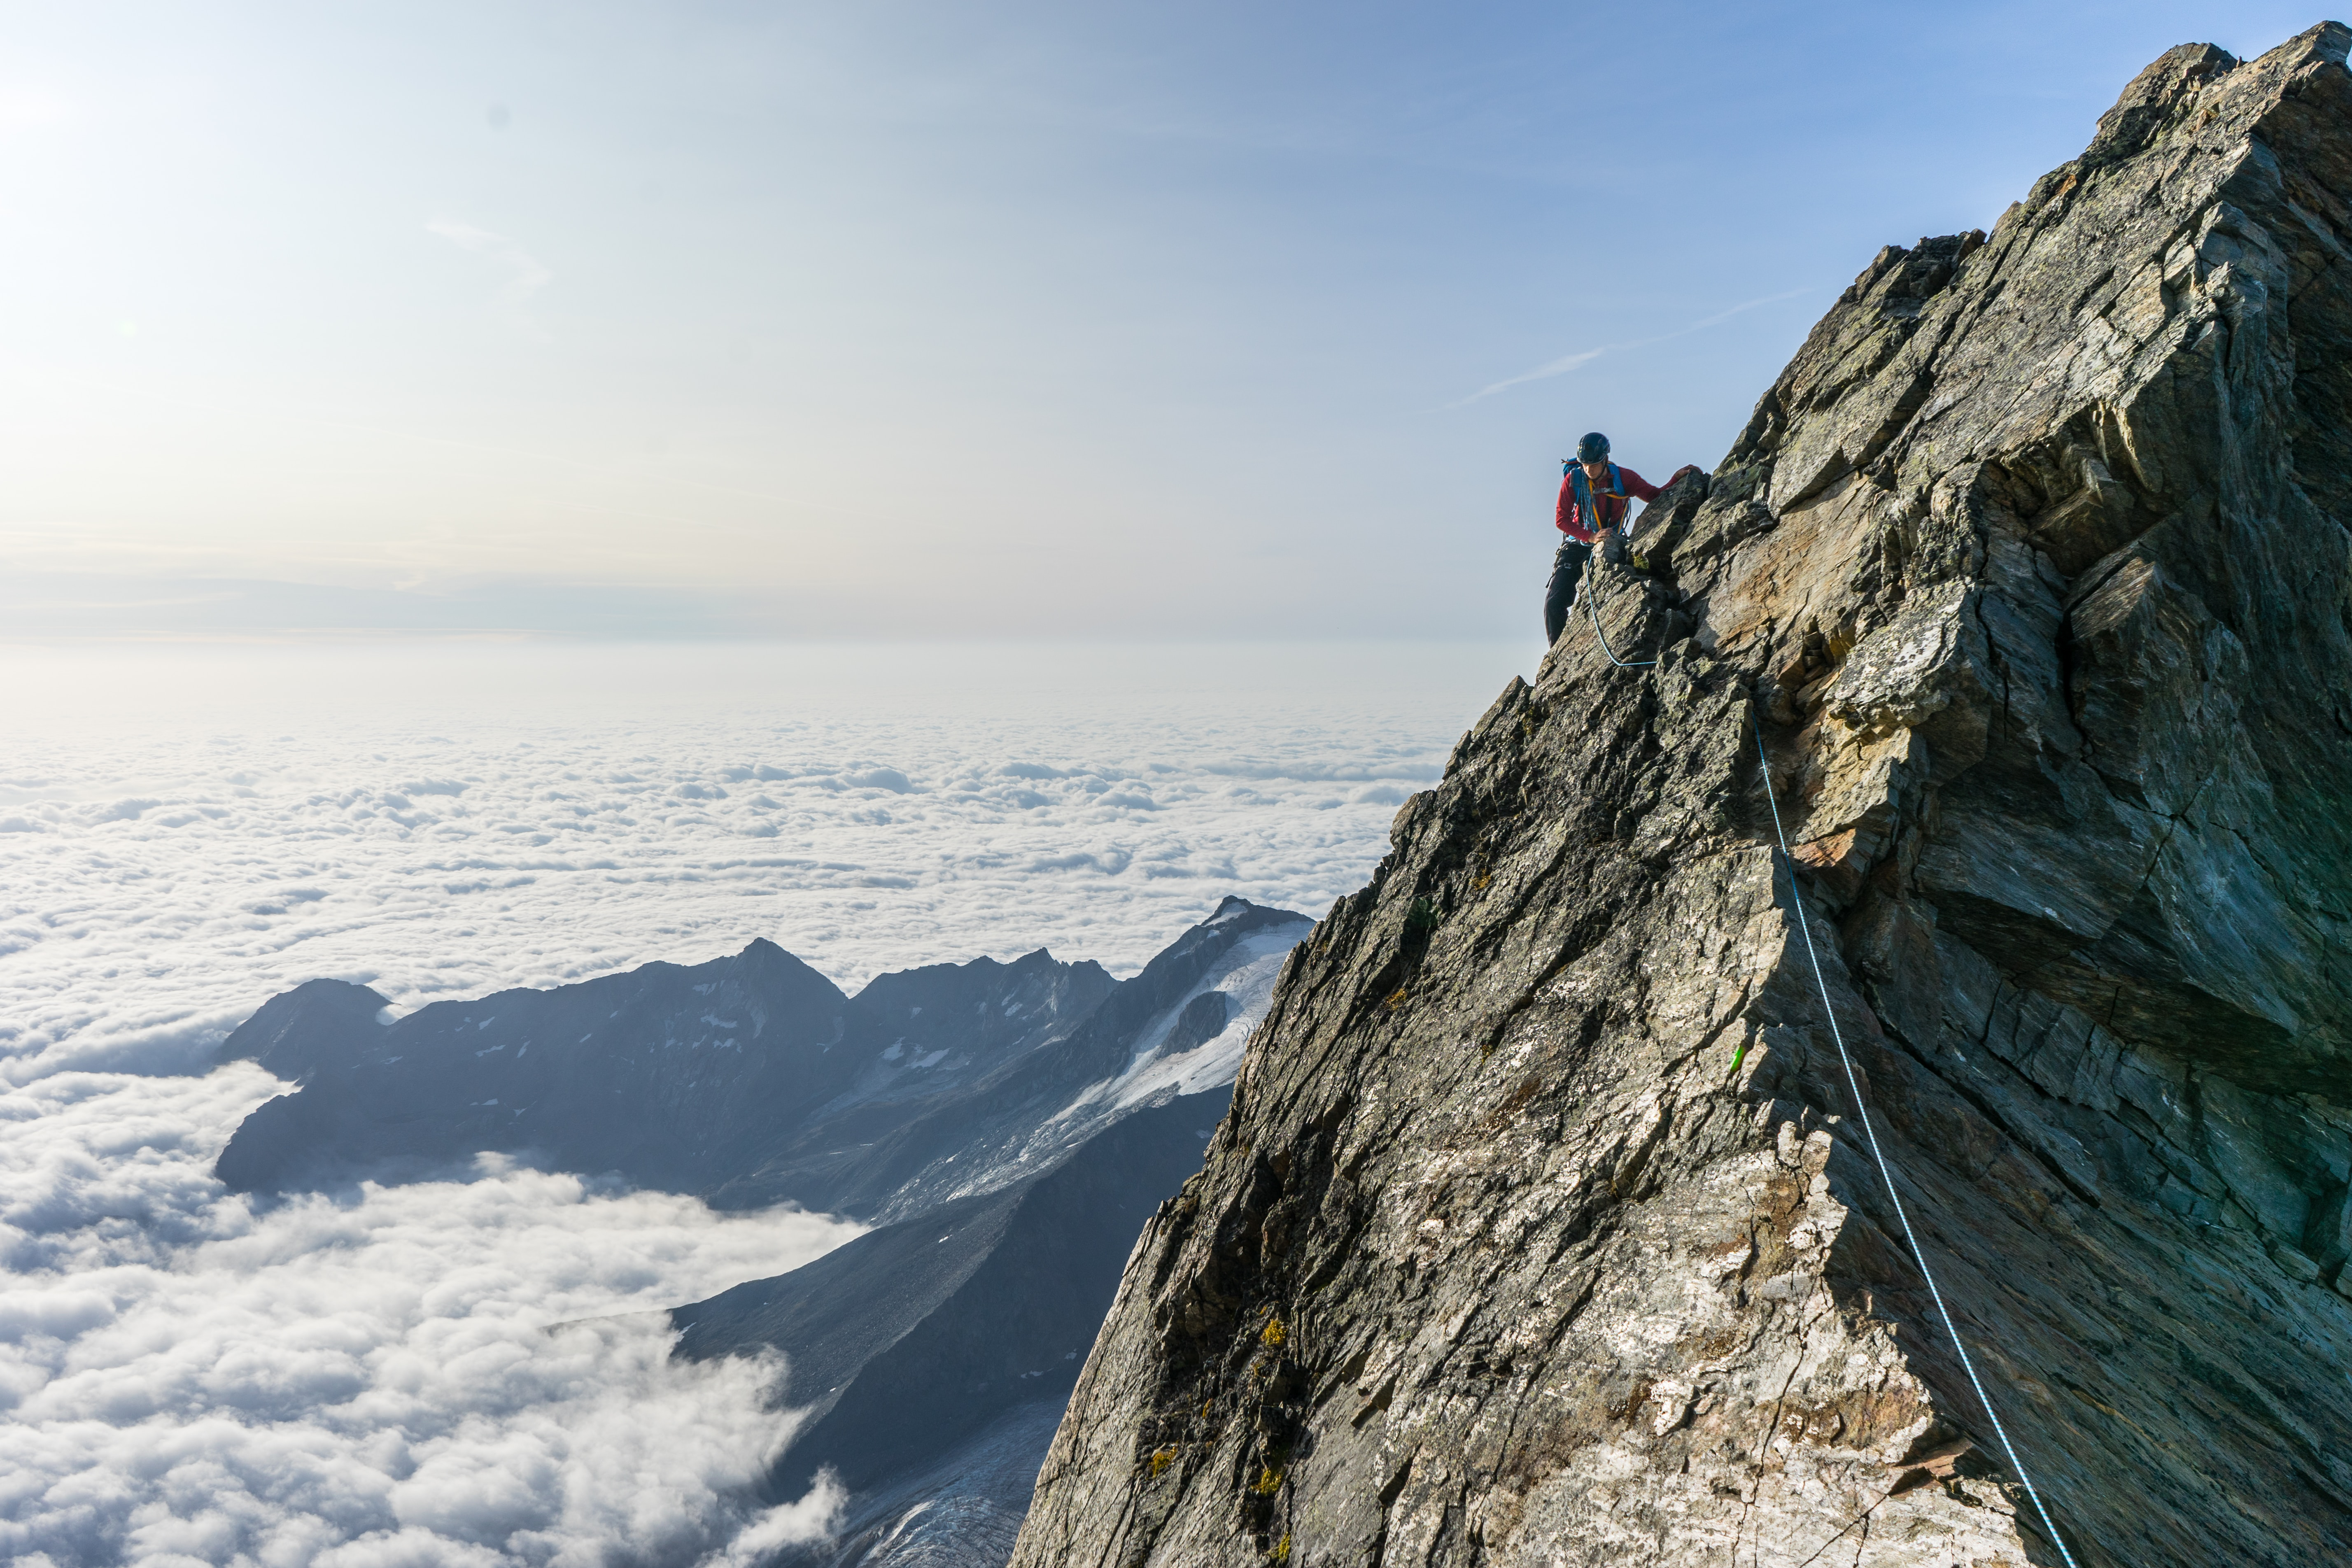 Klettersteig in den Sommer in den Bergen